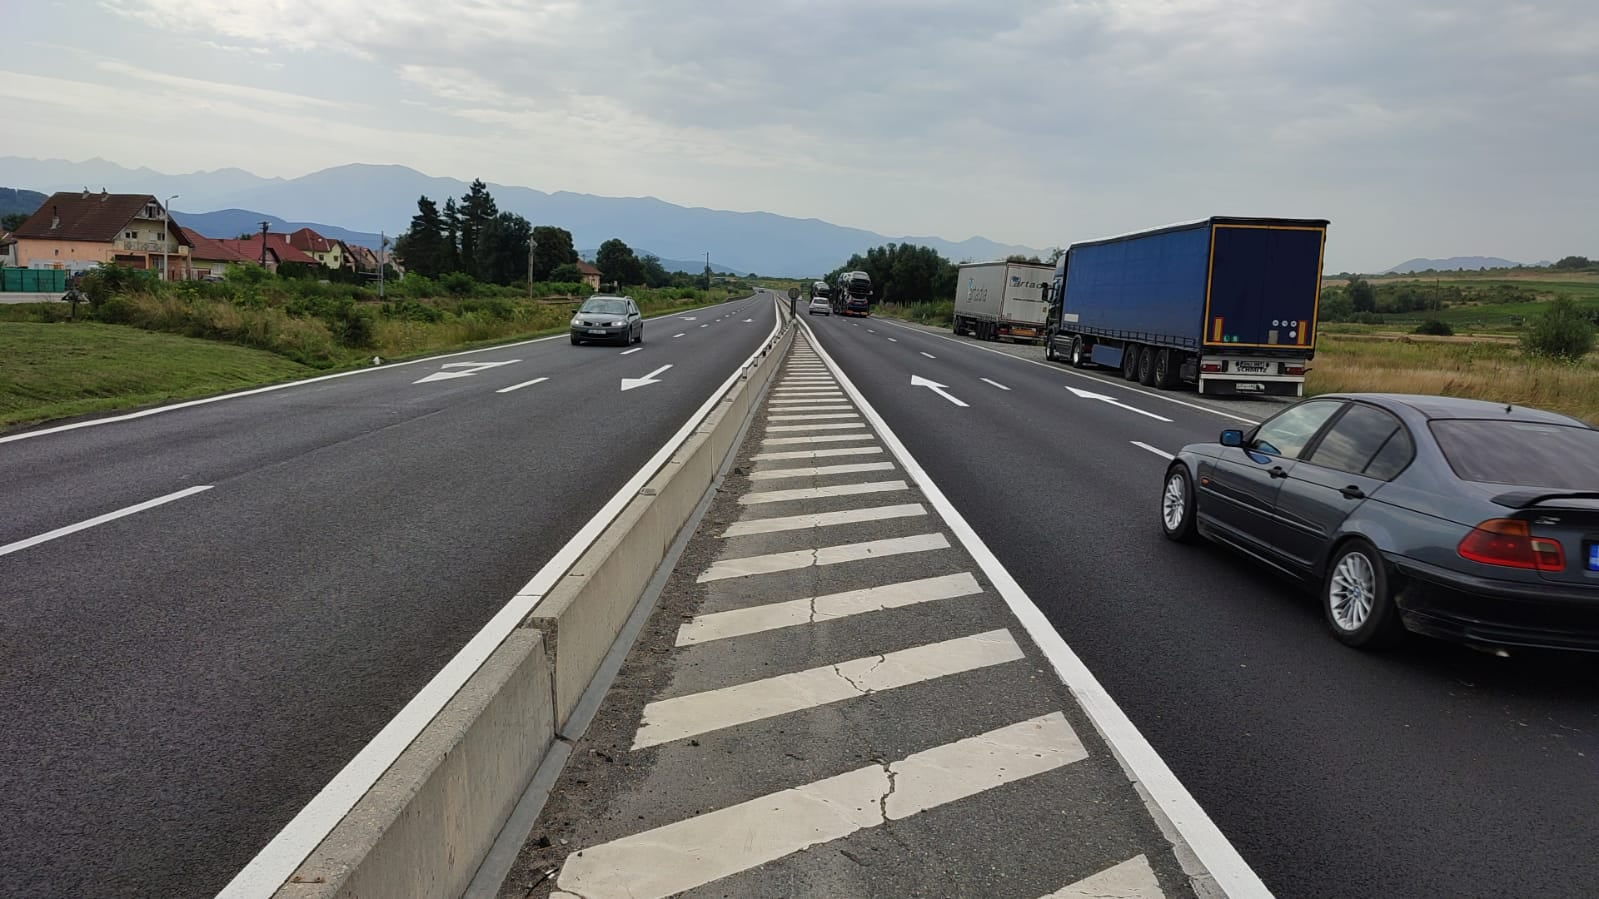 FOTO - Direcția de Drumuri a finalizat asfaltarea și marcajele între Sibiu și Veștem: 15 km nou nouți